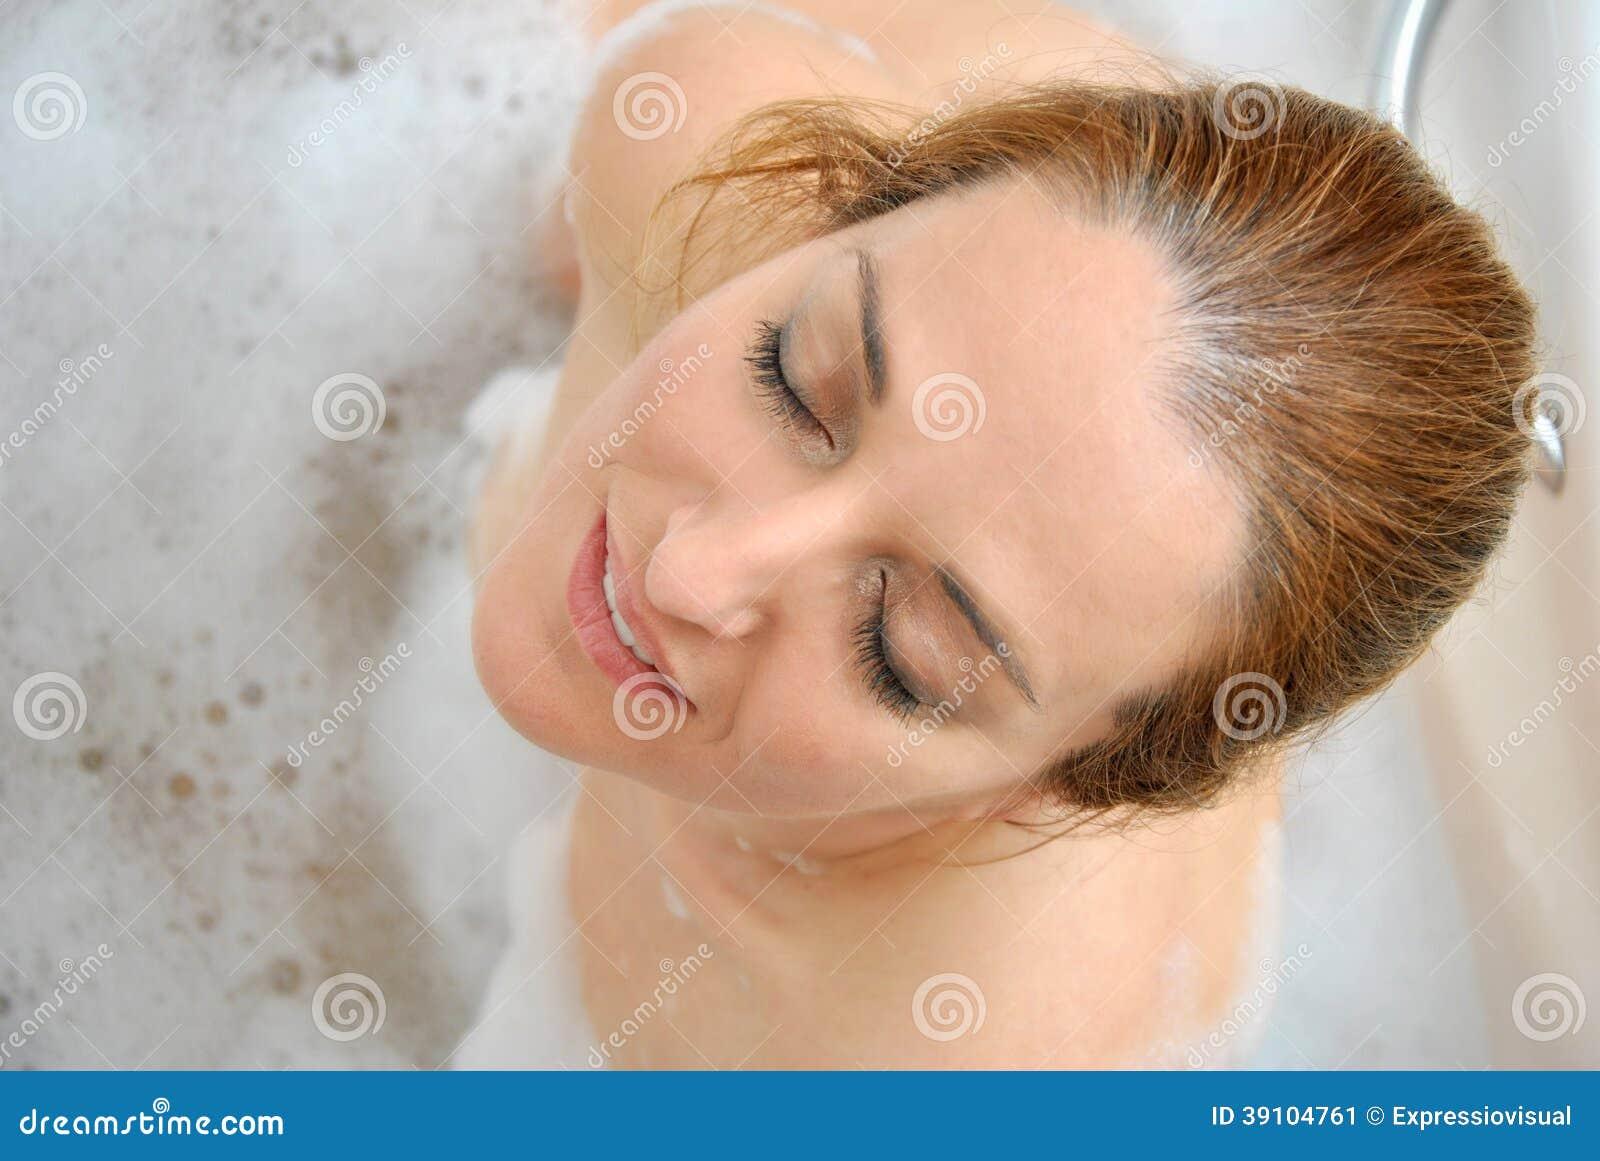 Vrouw het baden met heel wat schuim i